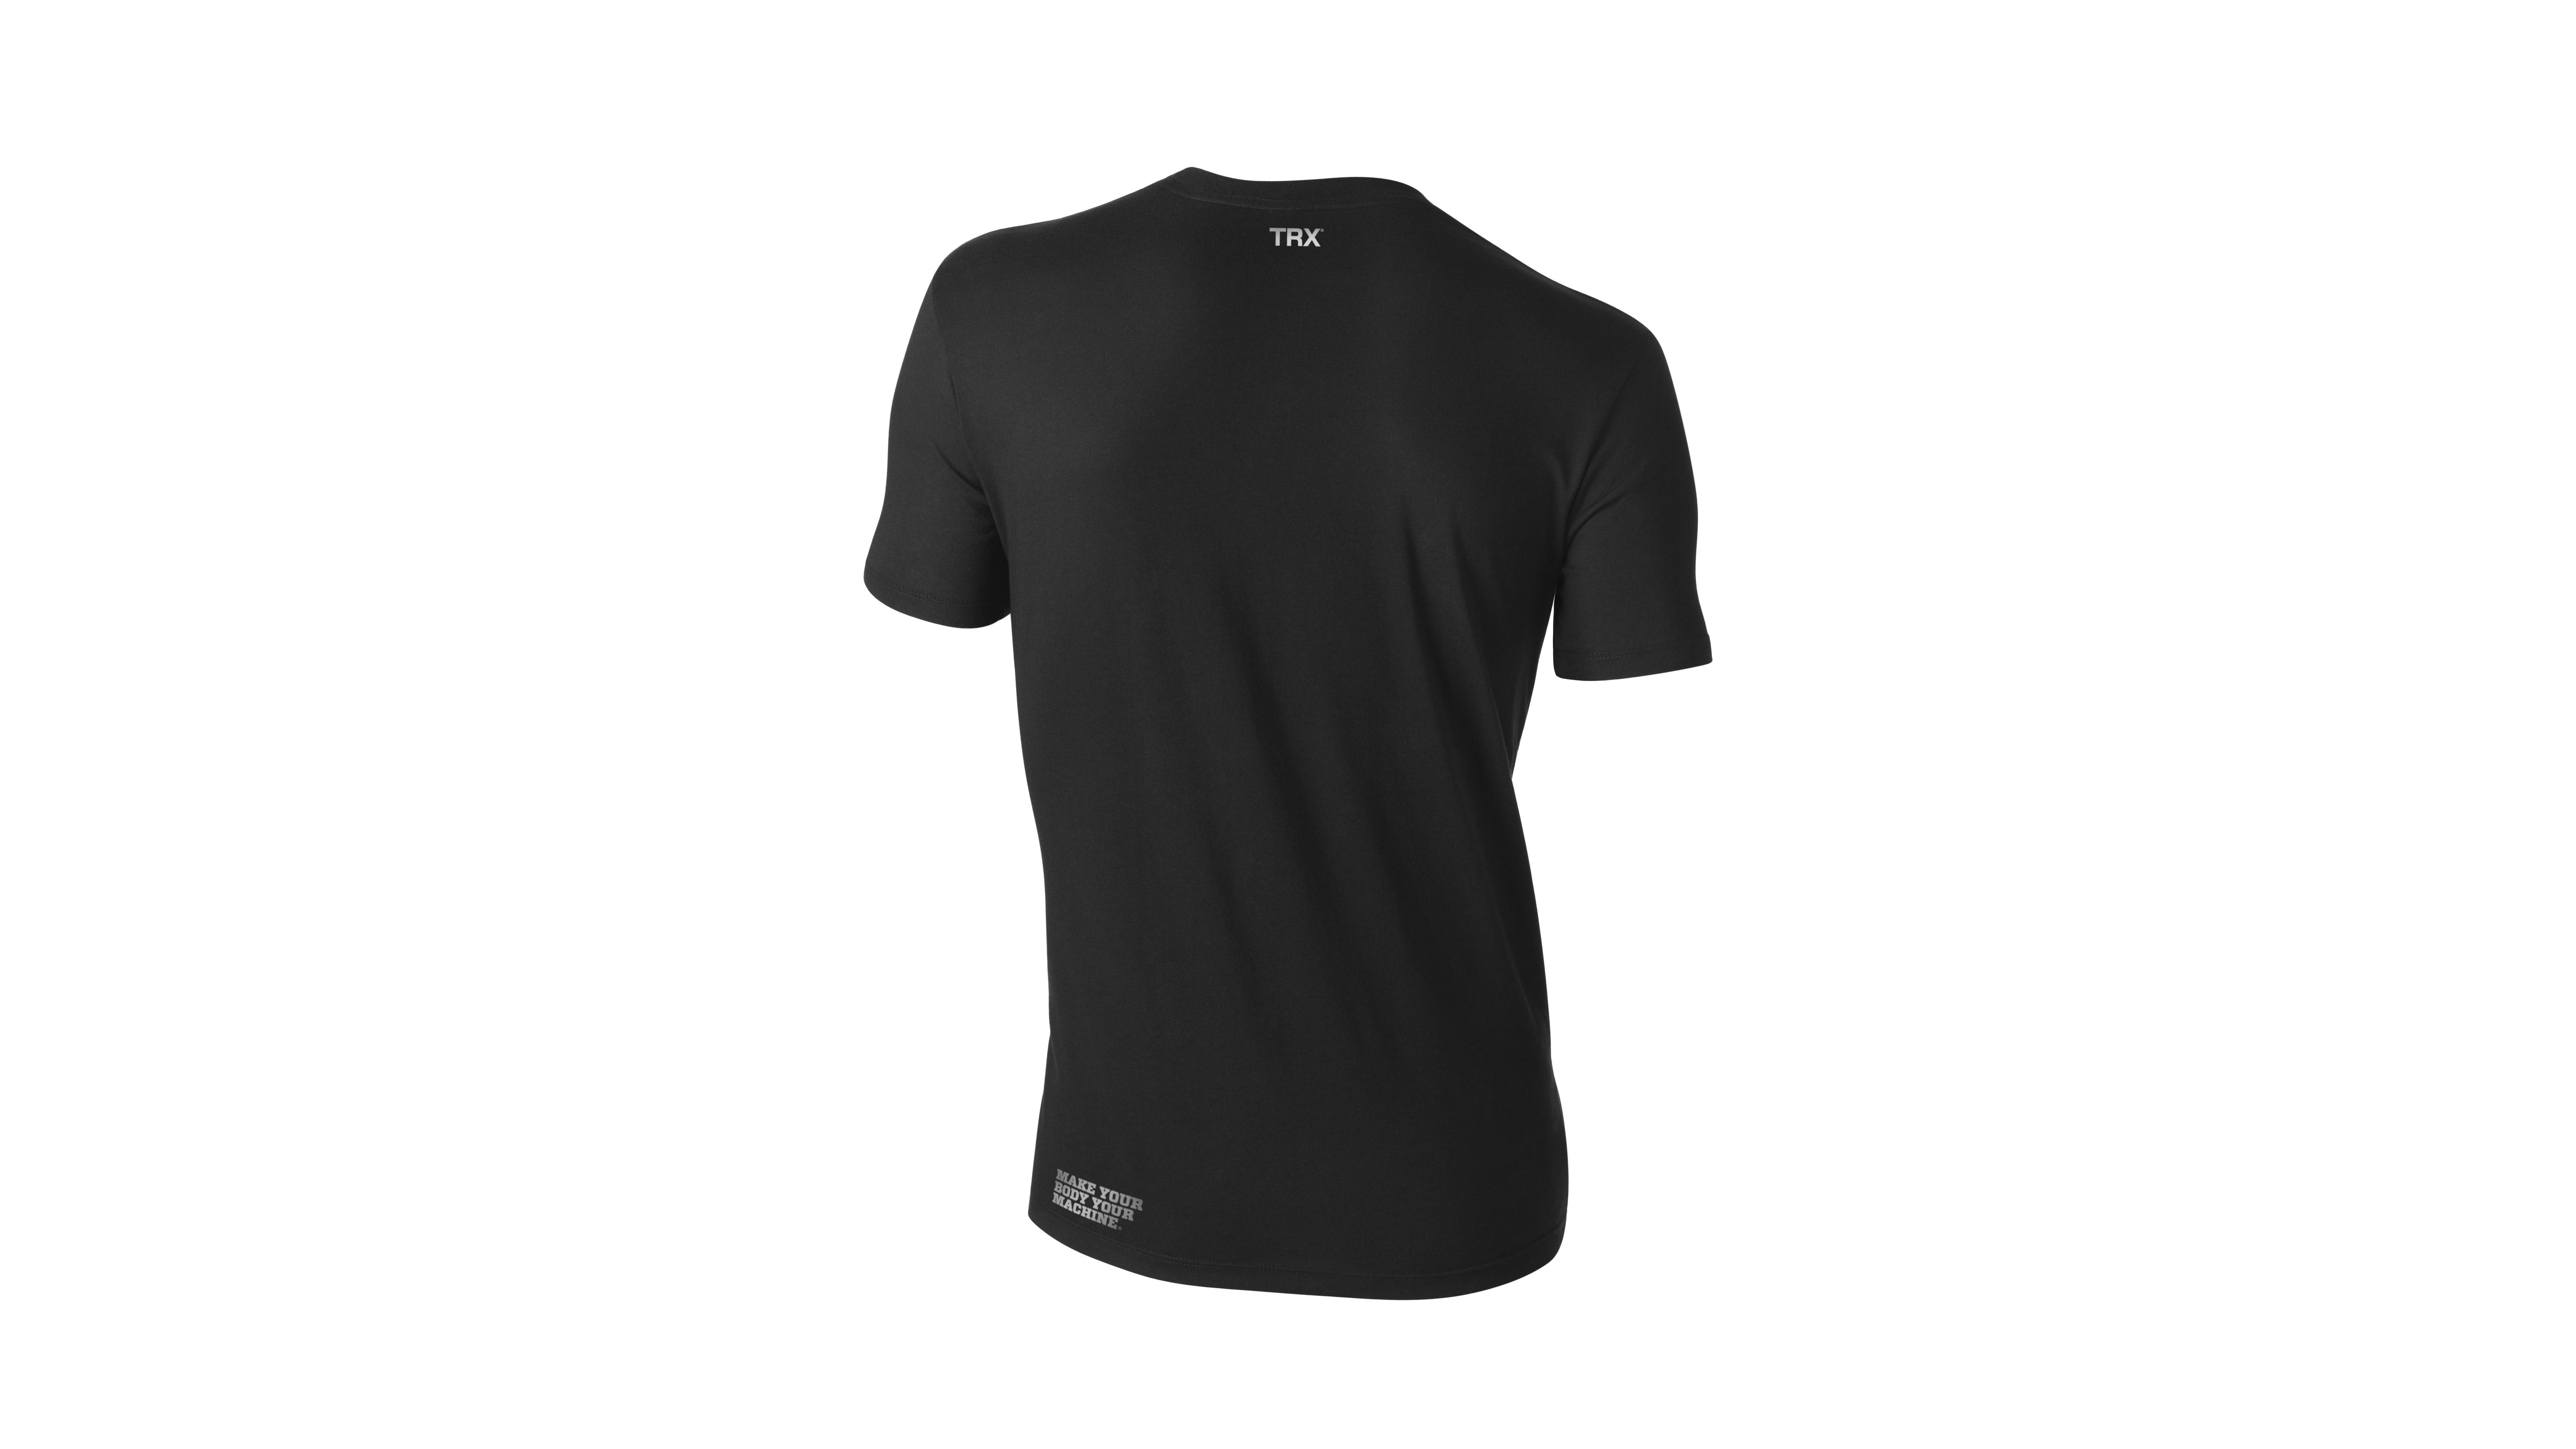 T-Shirt TRX  Weiß auf Schwarz Männer Small